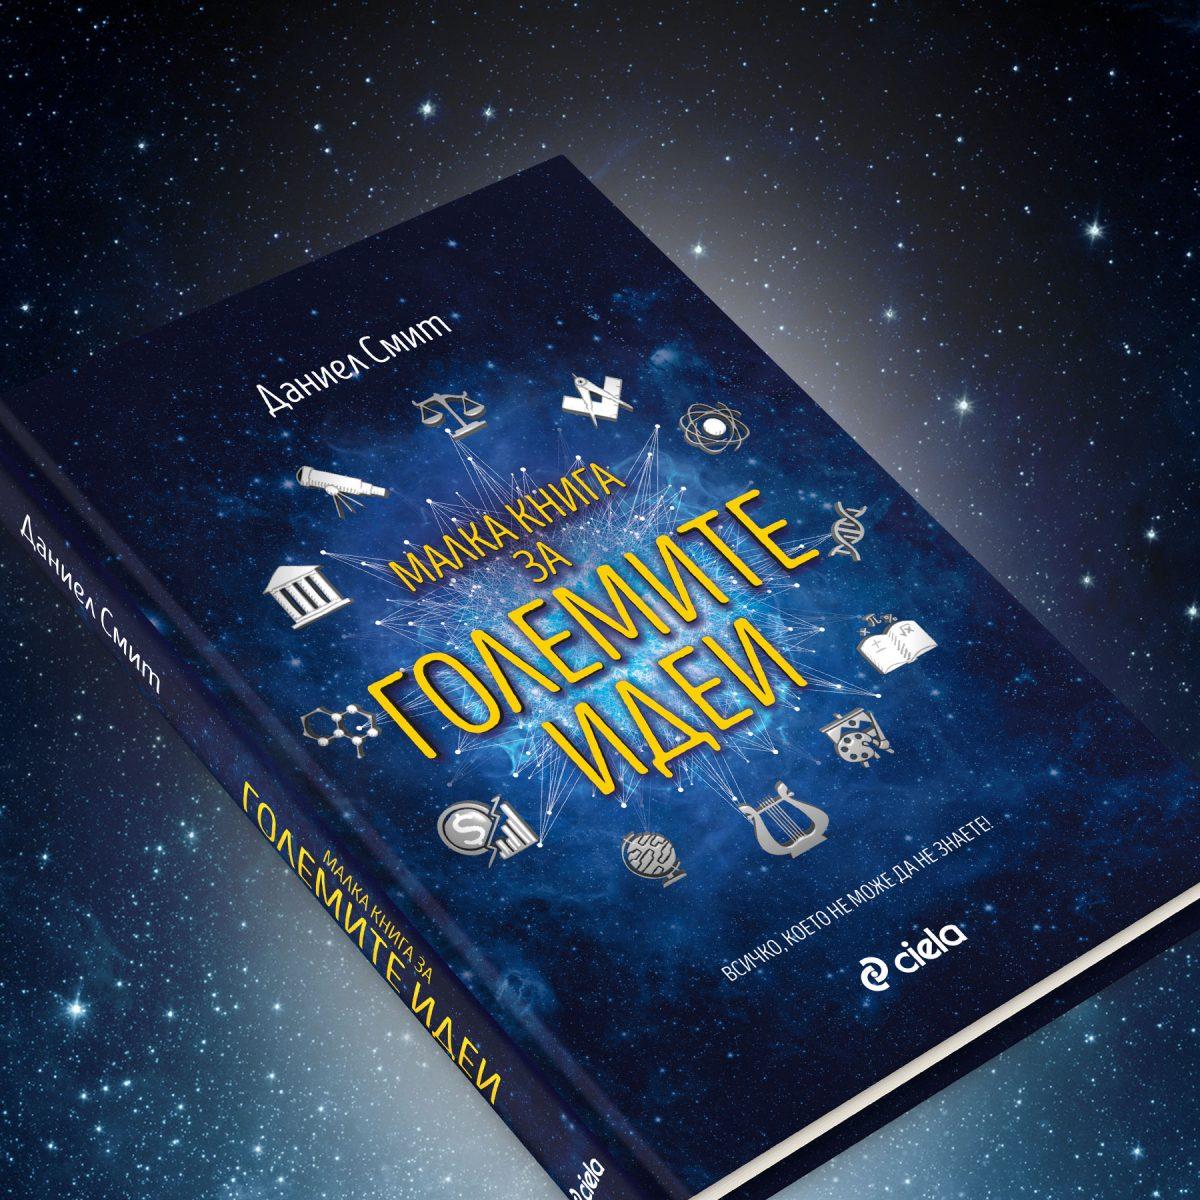 Maлка книга за големите идеи (корица)